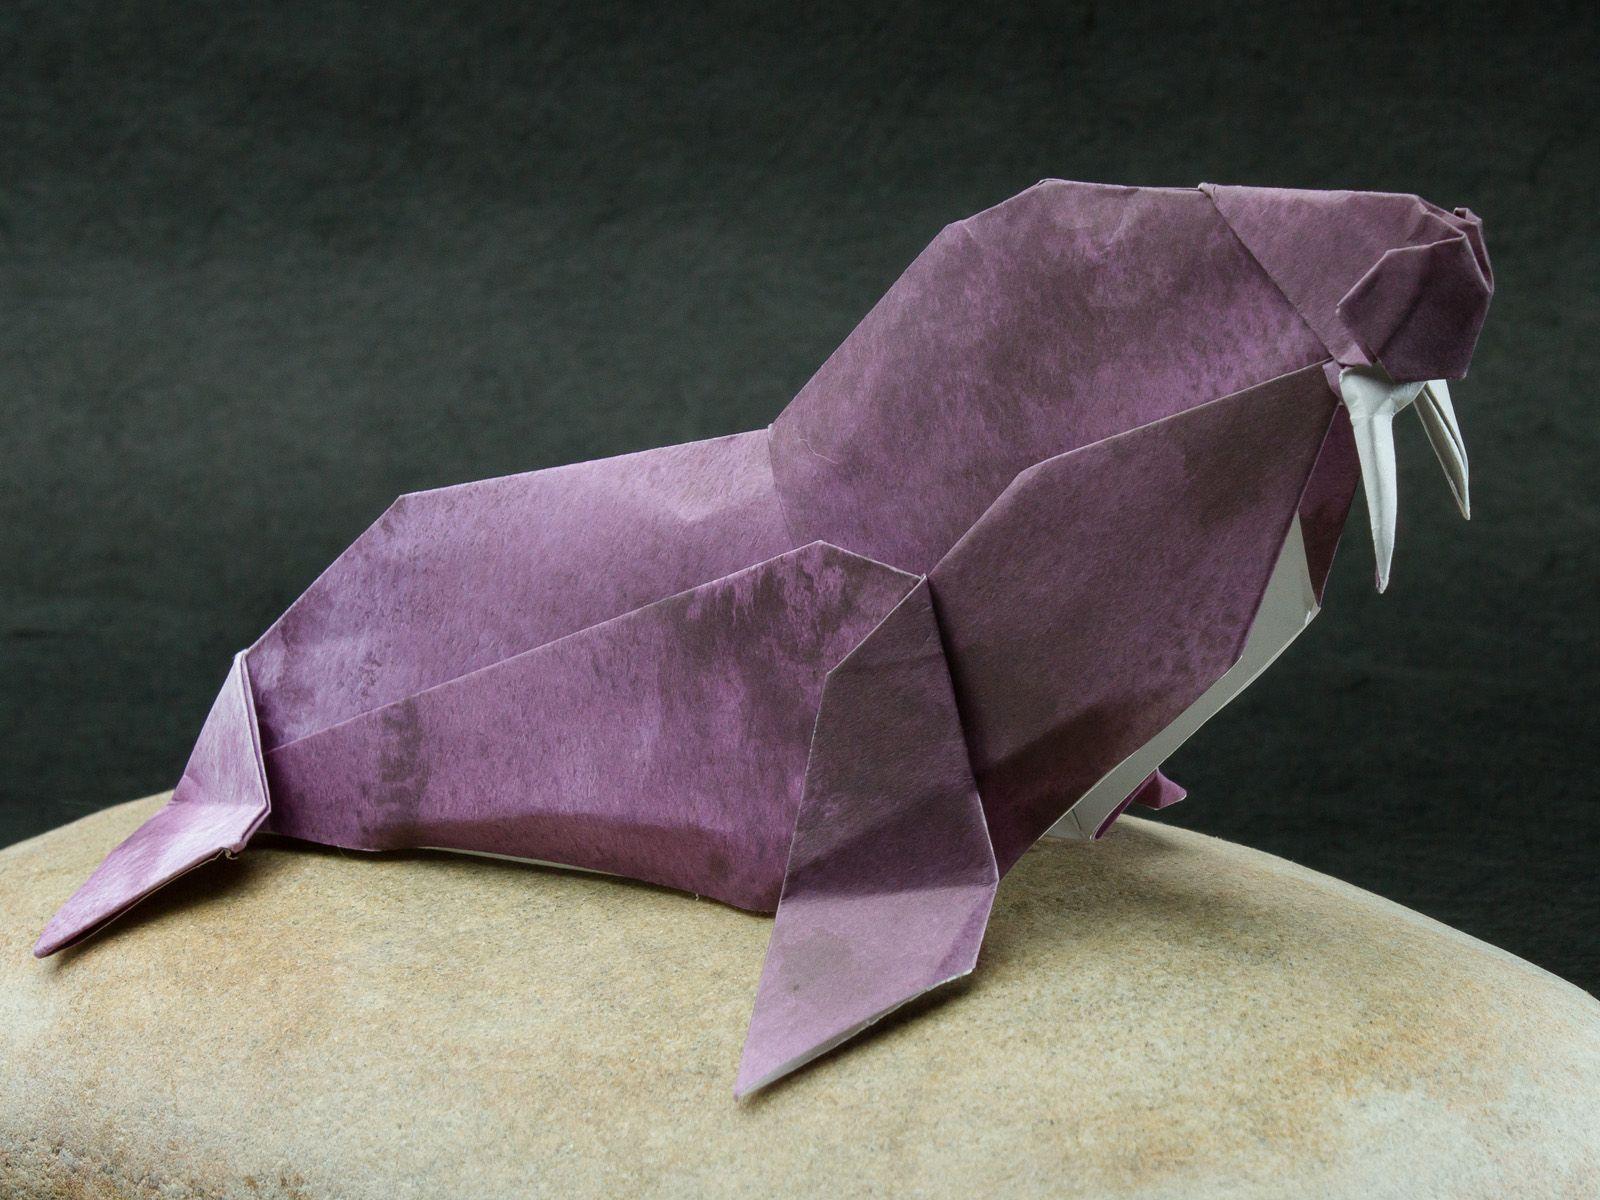 Vsledek obrzku pro origami seal origami pinterest origami vsledek obrzku pro origami seal jeuxipadfo Gallery